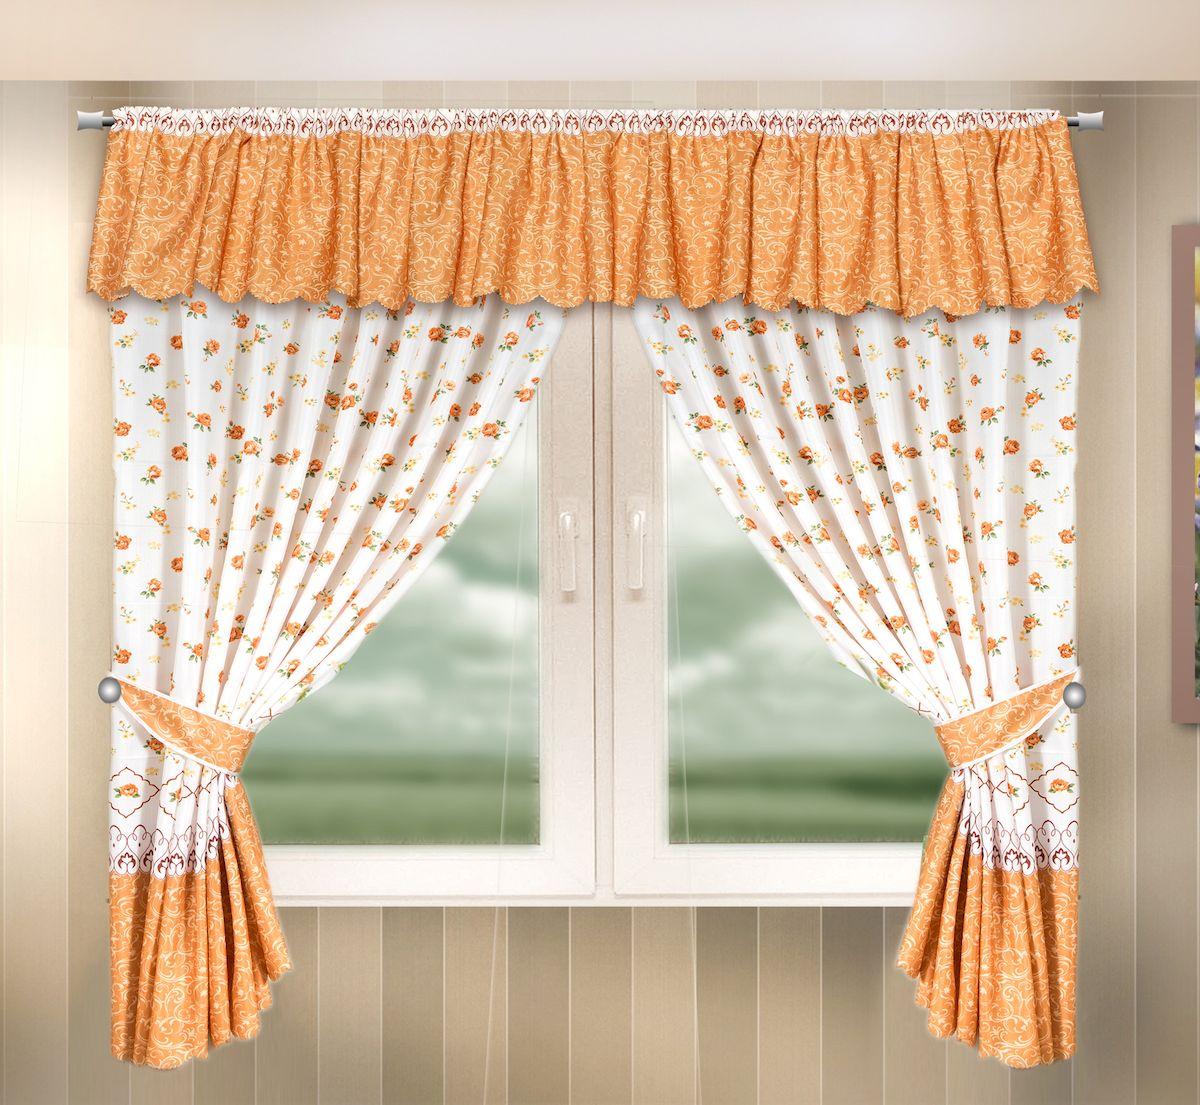 Комплект штор для кухни Zlata Korunka, на кулиске, цвет: оранжевый, высота 170 см. 33332910503Комплект штор для кухни Zlata Korunka, выполненный из полиэстера, великолепно украсит любое окно. Комплект состоит из ламбрекена, 2 штор и 2 подхватов. Цветочный рисунок и приятная цветовая гамма привлекут к себе внимание и органично впишутся в интерьер помещения. Этот комплект будет долгое время радовать вас и вашу семью!Комплект крепится на карниз при помощи кулиски.В комплект входит: Ламбрекен: 1 шт. Размер (Ш х В): 290 х 35 см.Штора: 2 шт. Размер (Ш х В): 140 х 170 см.Подхват: 2 шт.